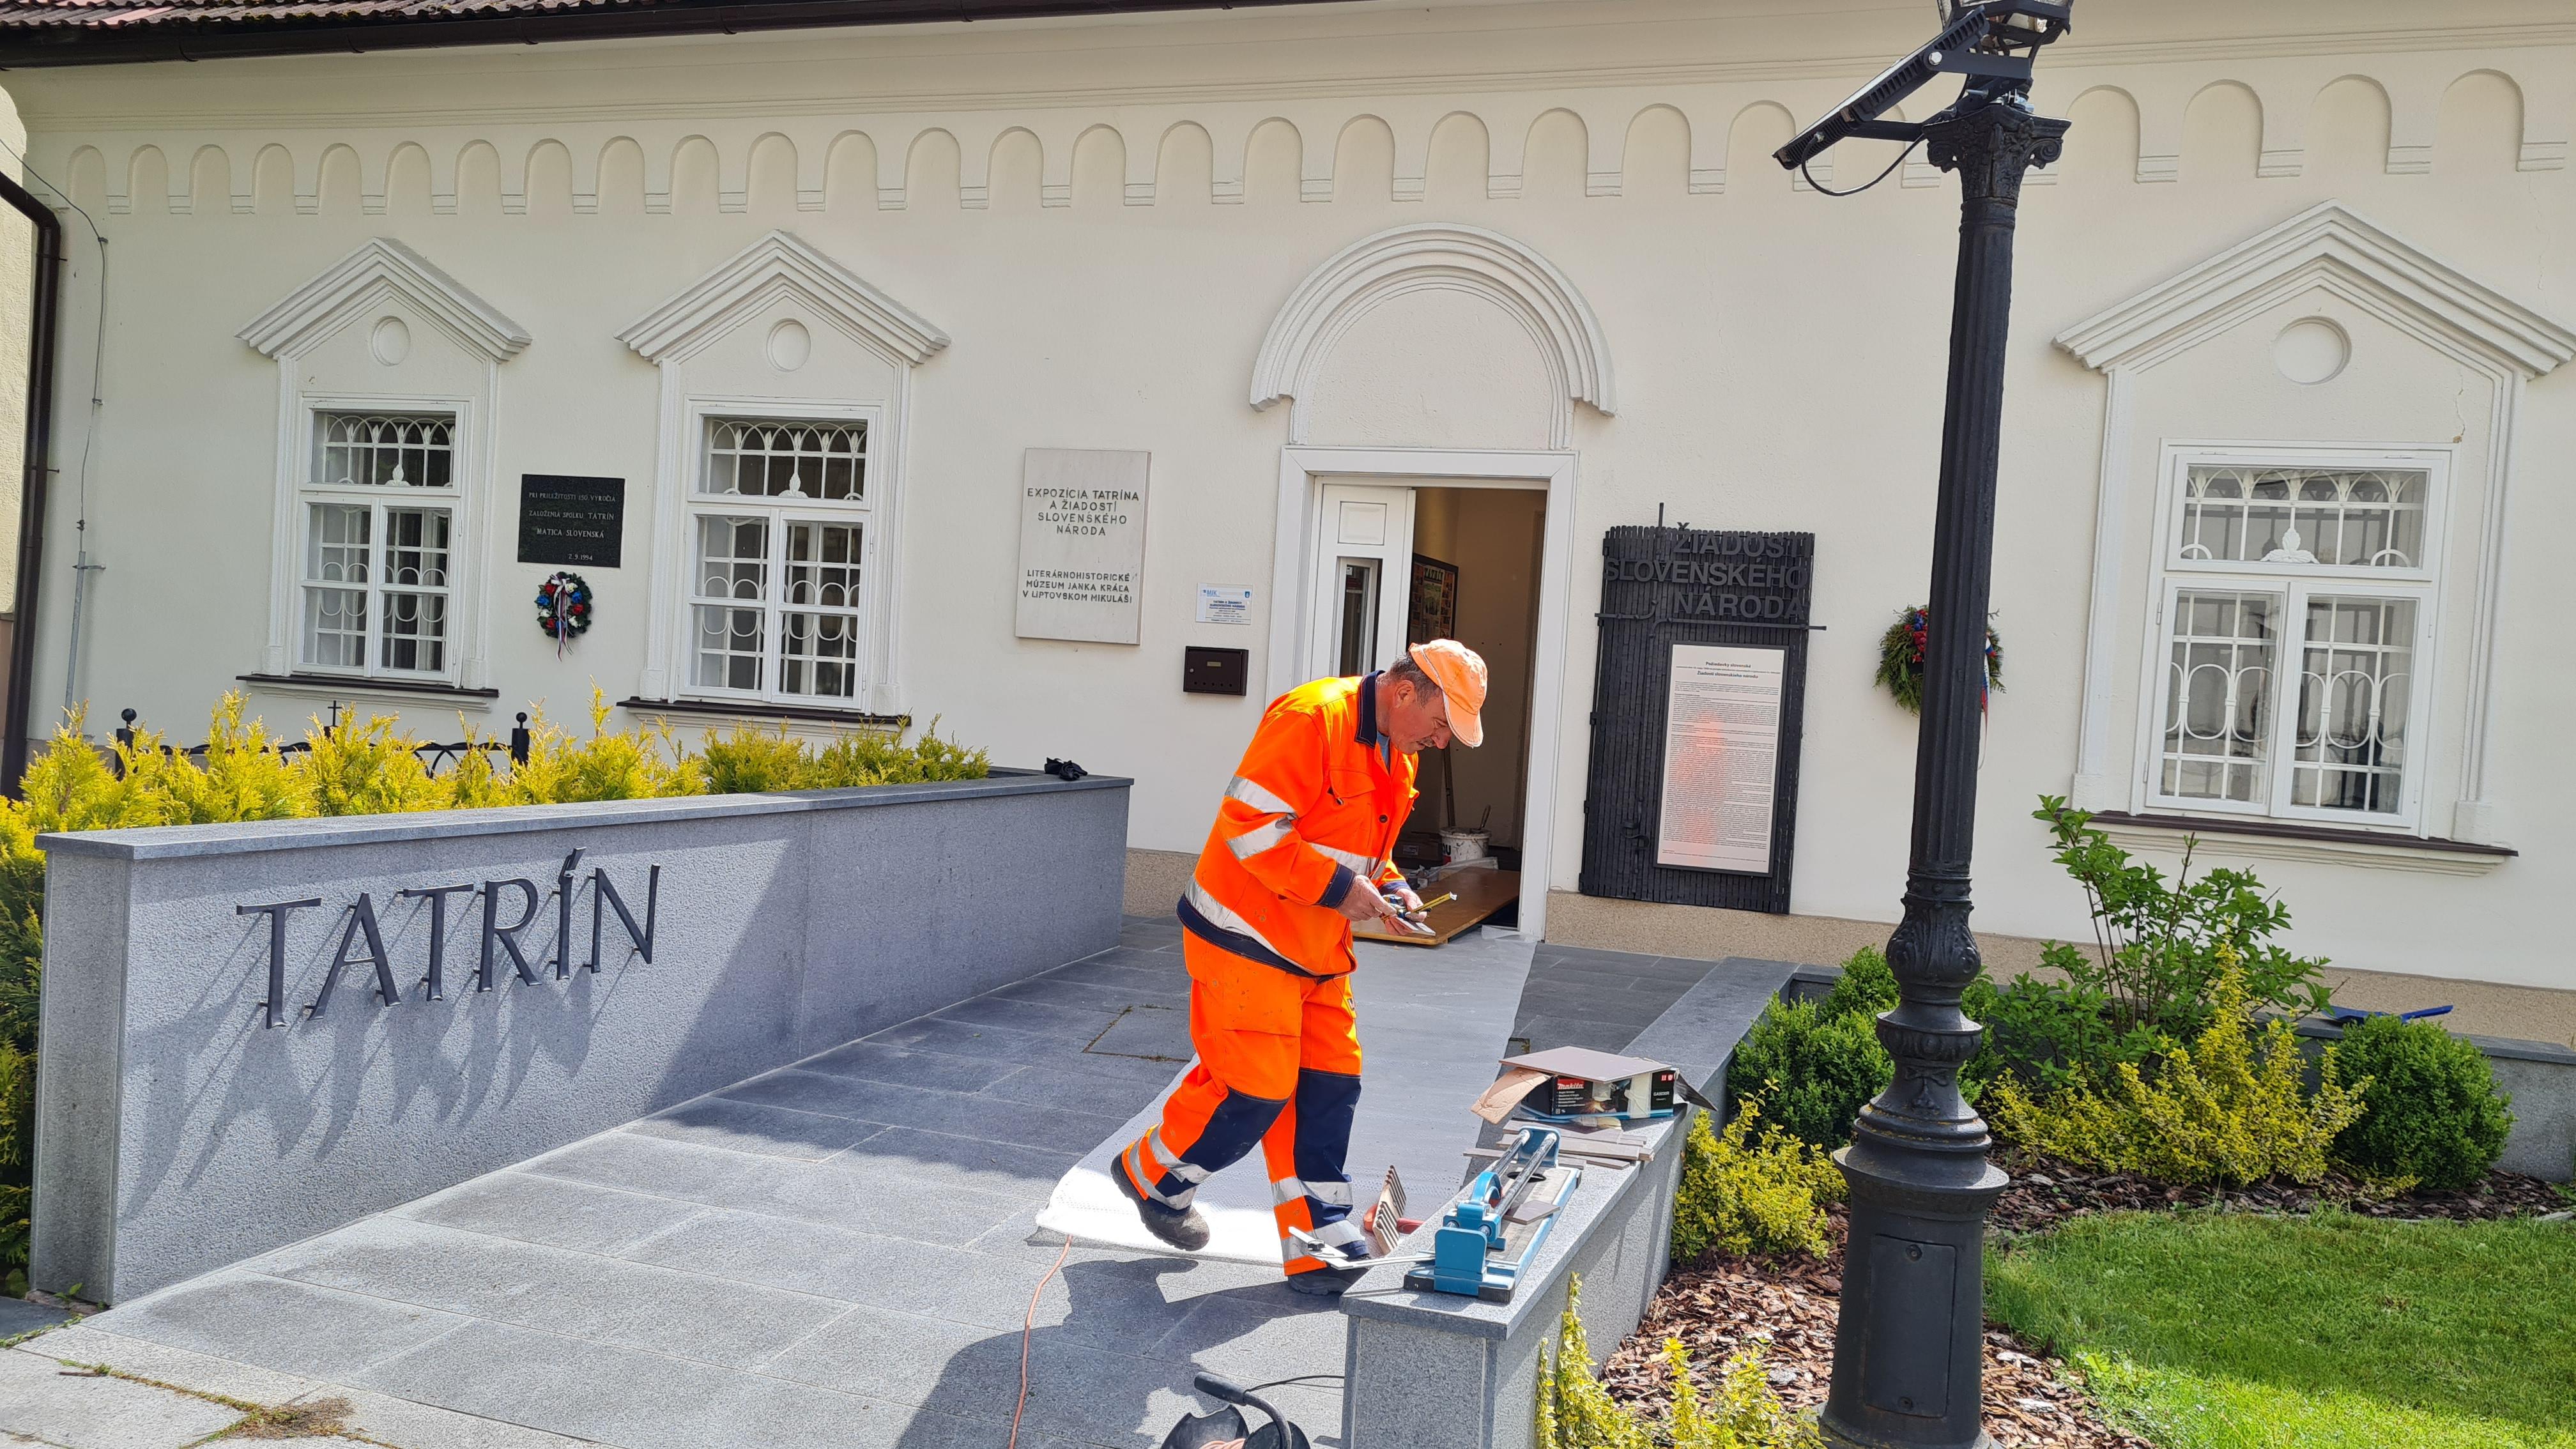 V Tatríne rekonštruujeme, expozícia je stále prístupná